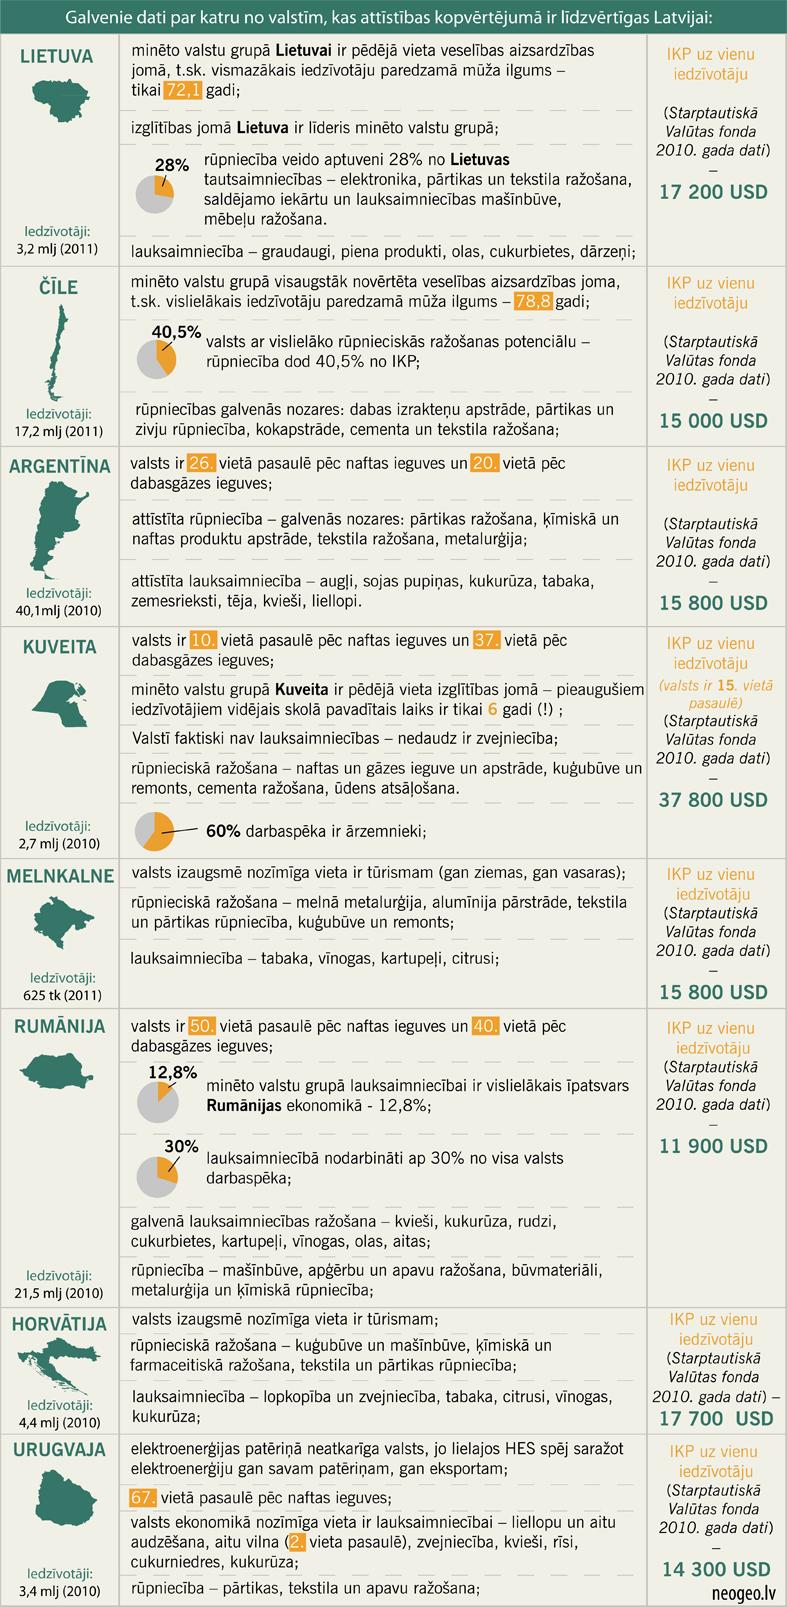 Galvenie dati par katru no valstīm, kas attīstības kopvērtējumā ir līdzvērtīgas Latvijai